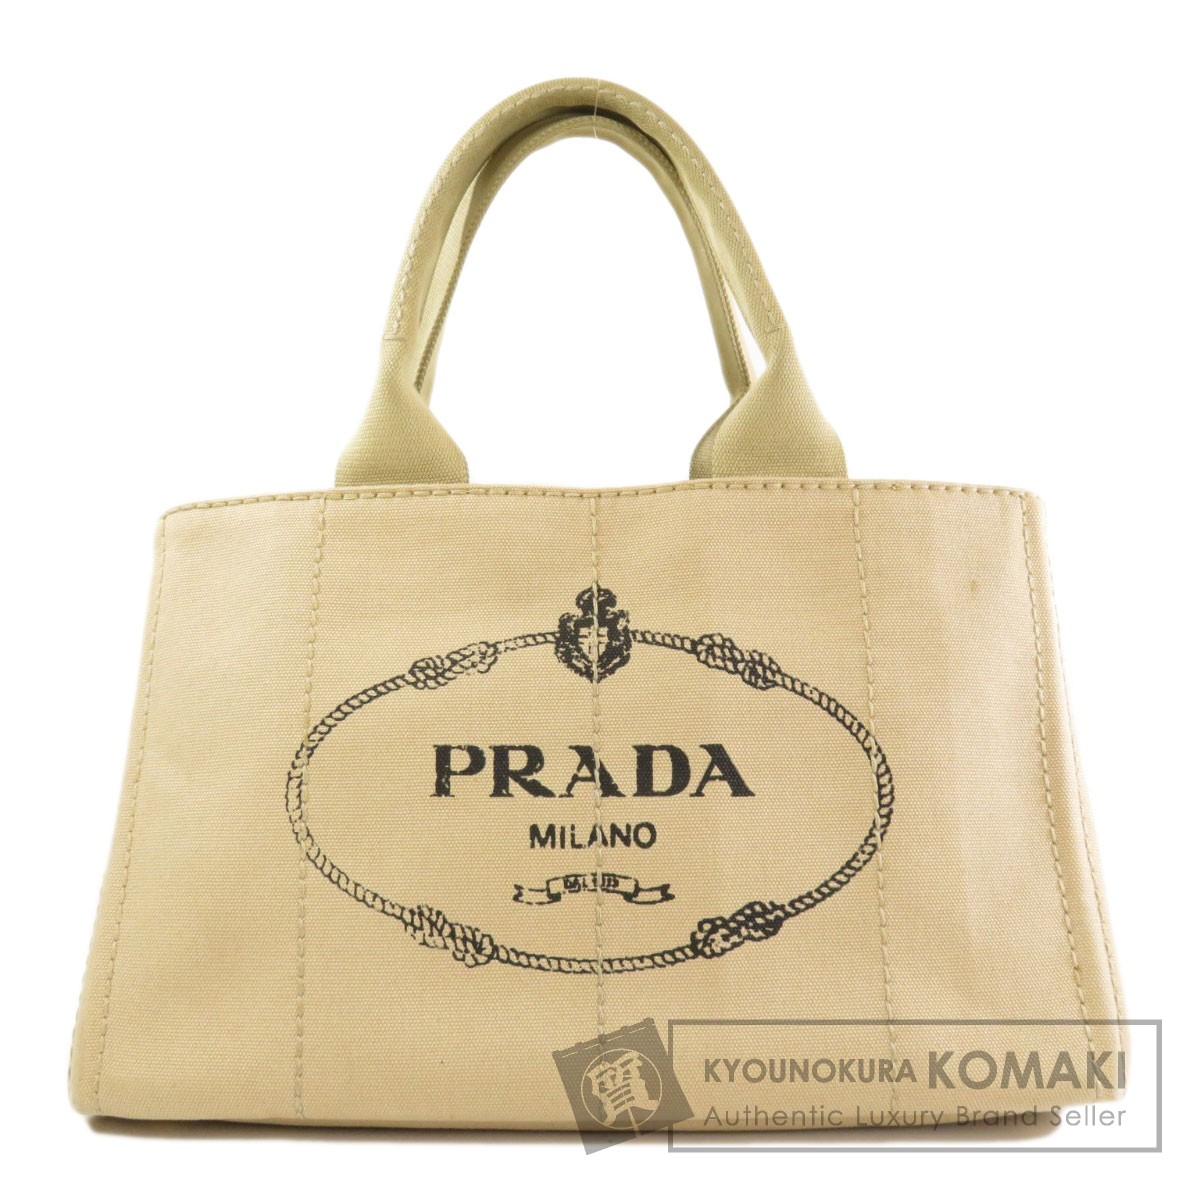 プラダ BN1877 カナパ トートバッグ キャンバス レディース 【中古】【PRADA】